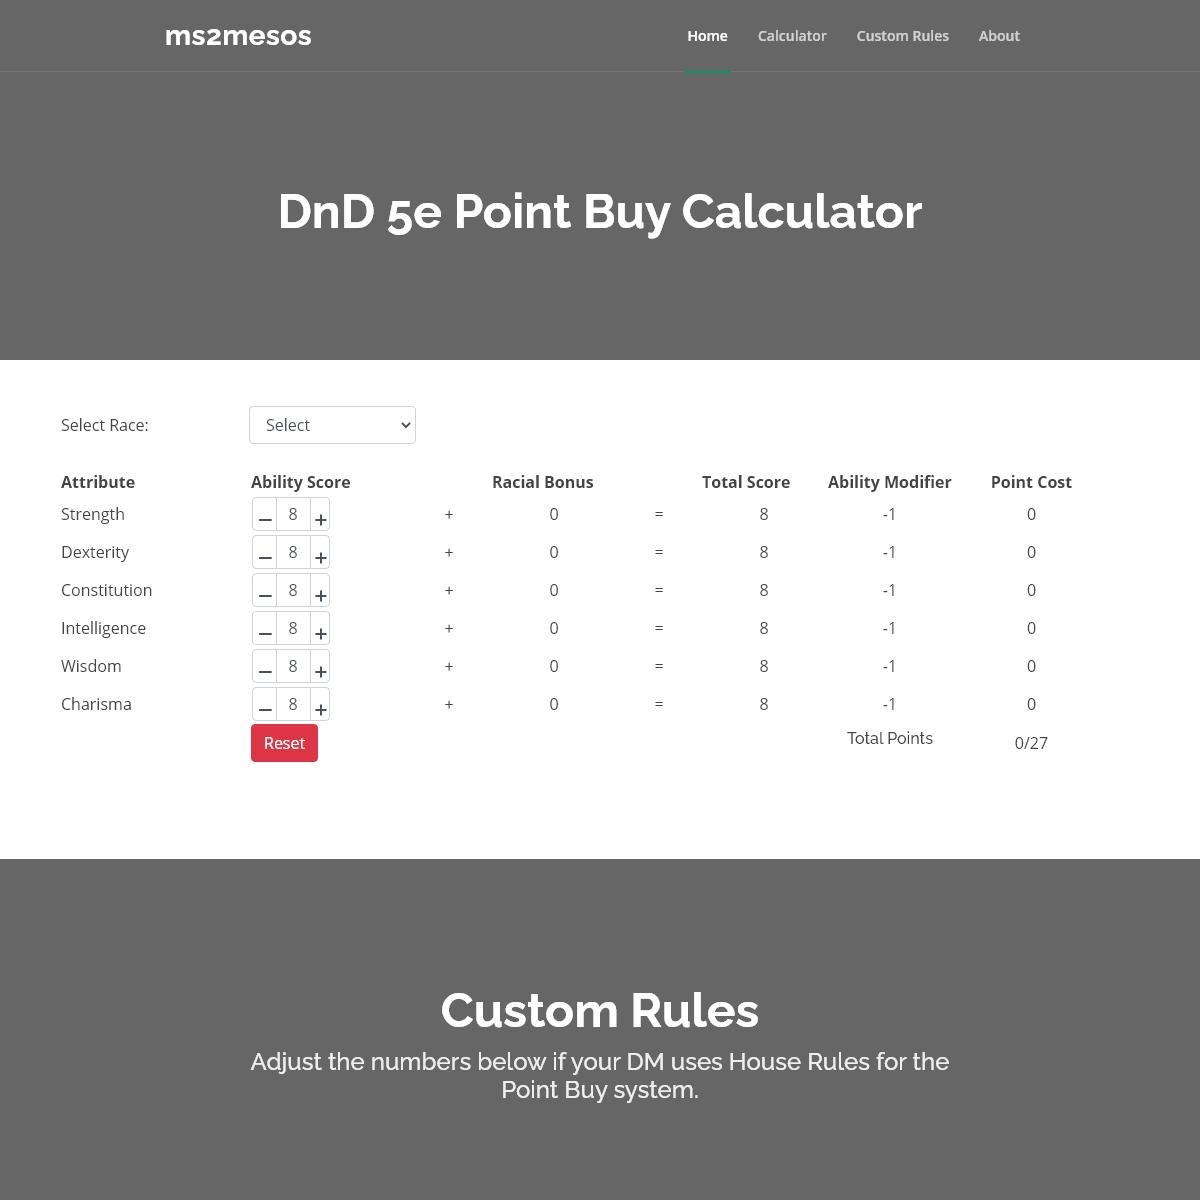 DnD 5e Point Buy Calculator - Ms2mesos